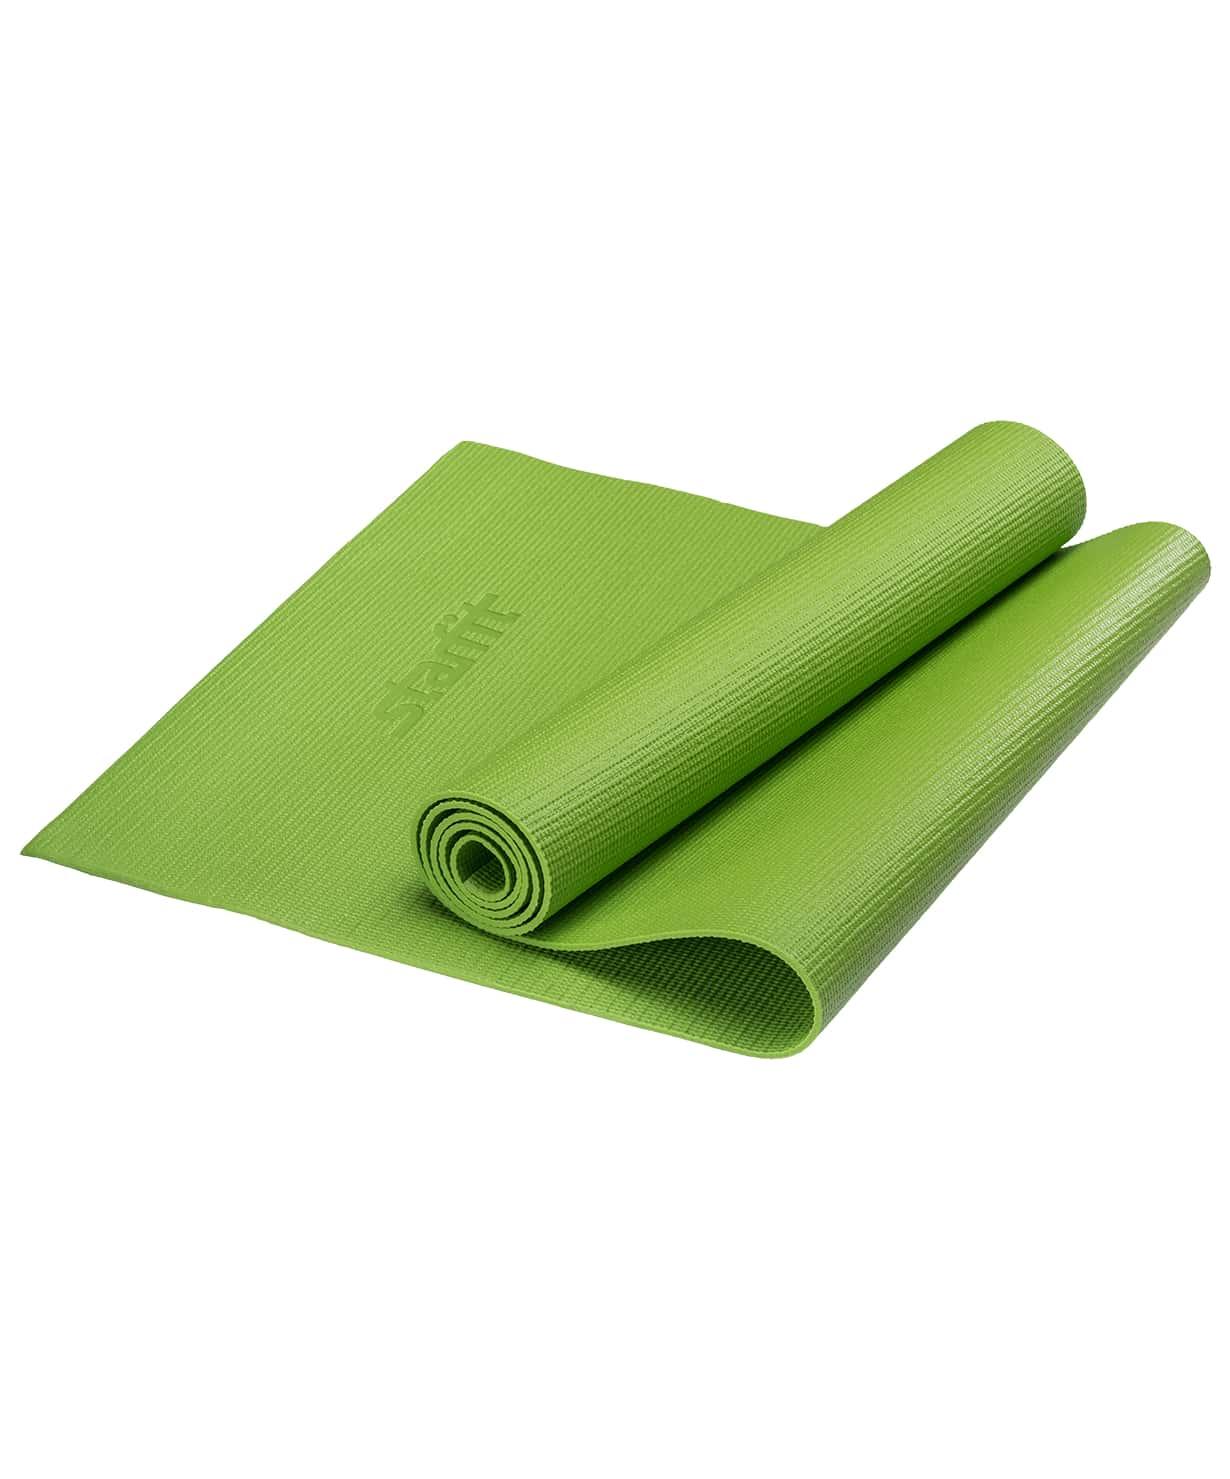 Коврик для йоги FM 101, PVC, 173x61x0,8 см (Зеленый)|Коврики для йоги| | АлиЭкспресс